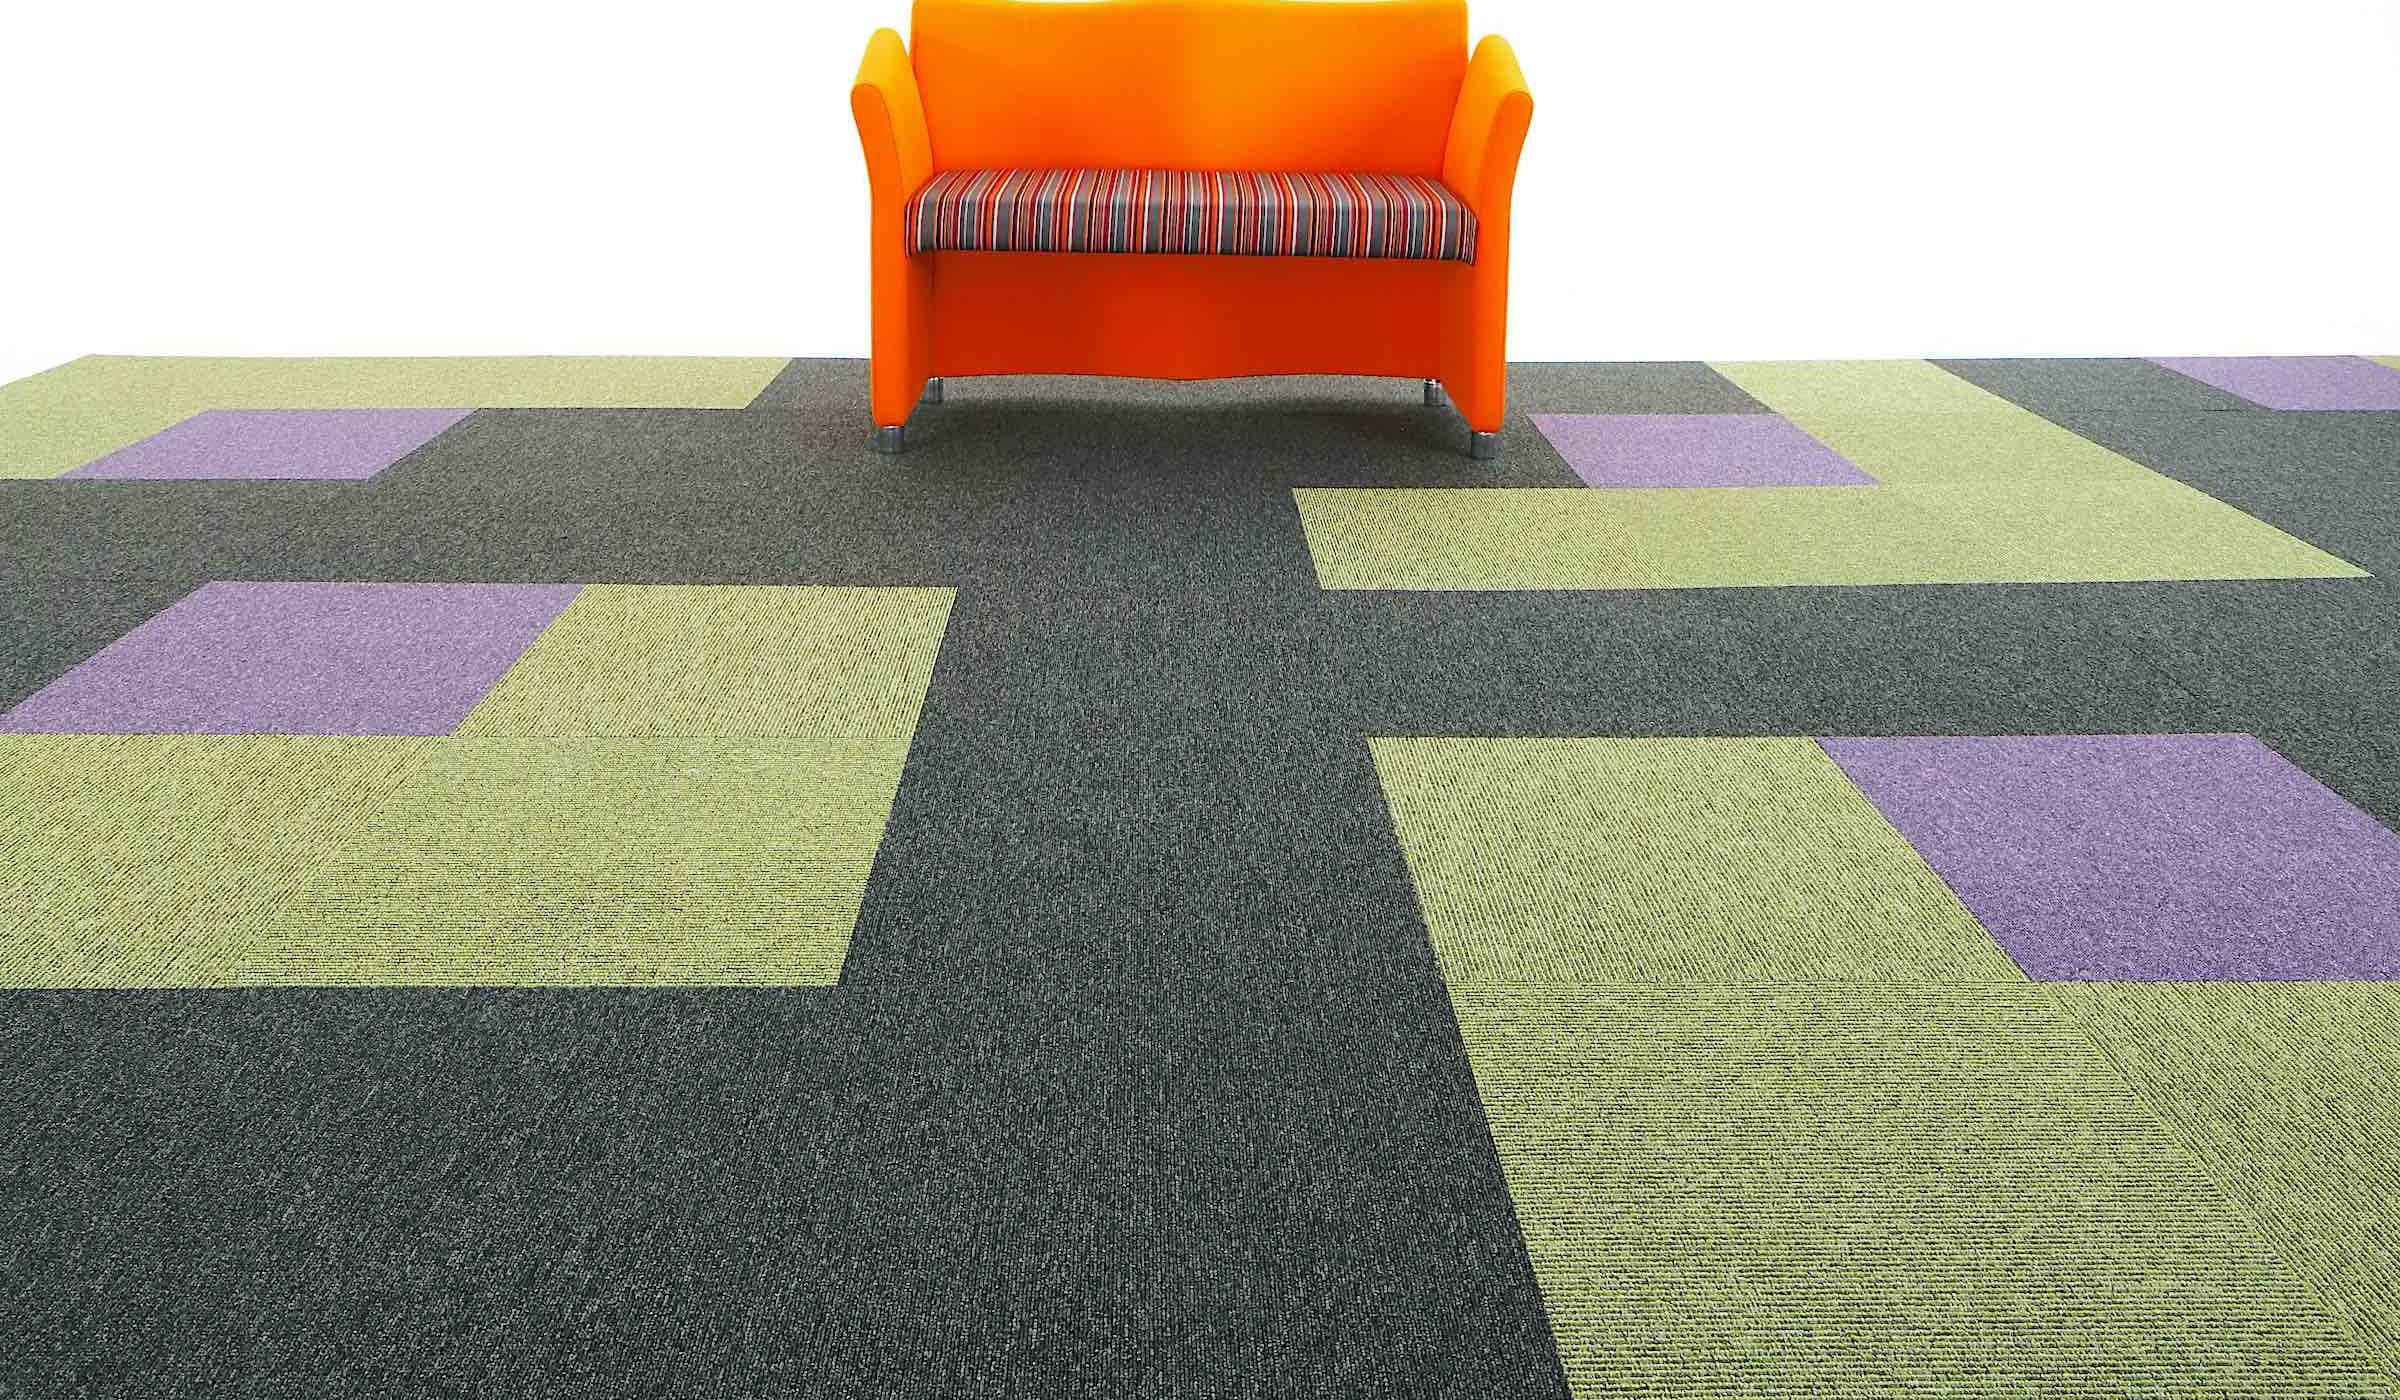 Macaw Stripe   Paragon Carpet Tiles   Commercial Carpet Tiles   Design Carpet Tiles 2